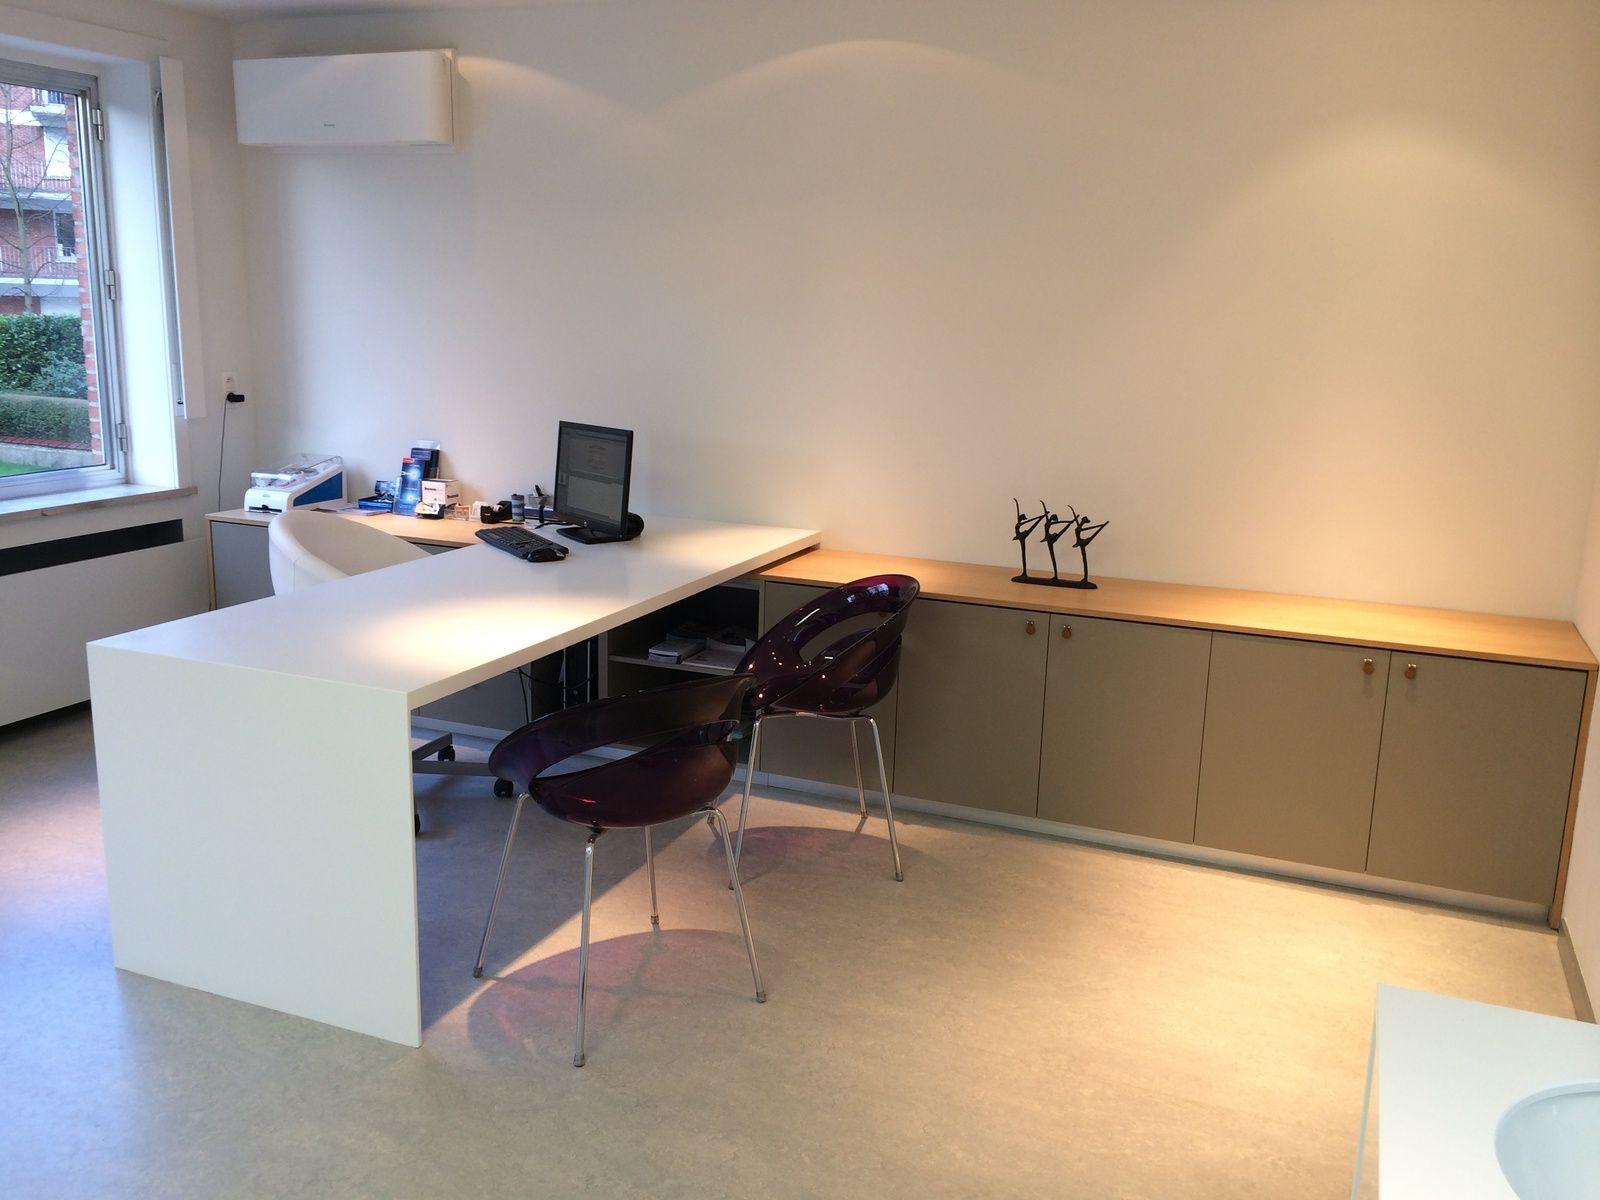 Pin Van Ln Op Dental Clinic Inspiration Huis Interieur Interieur Spreekkamer